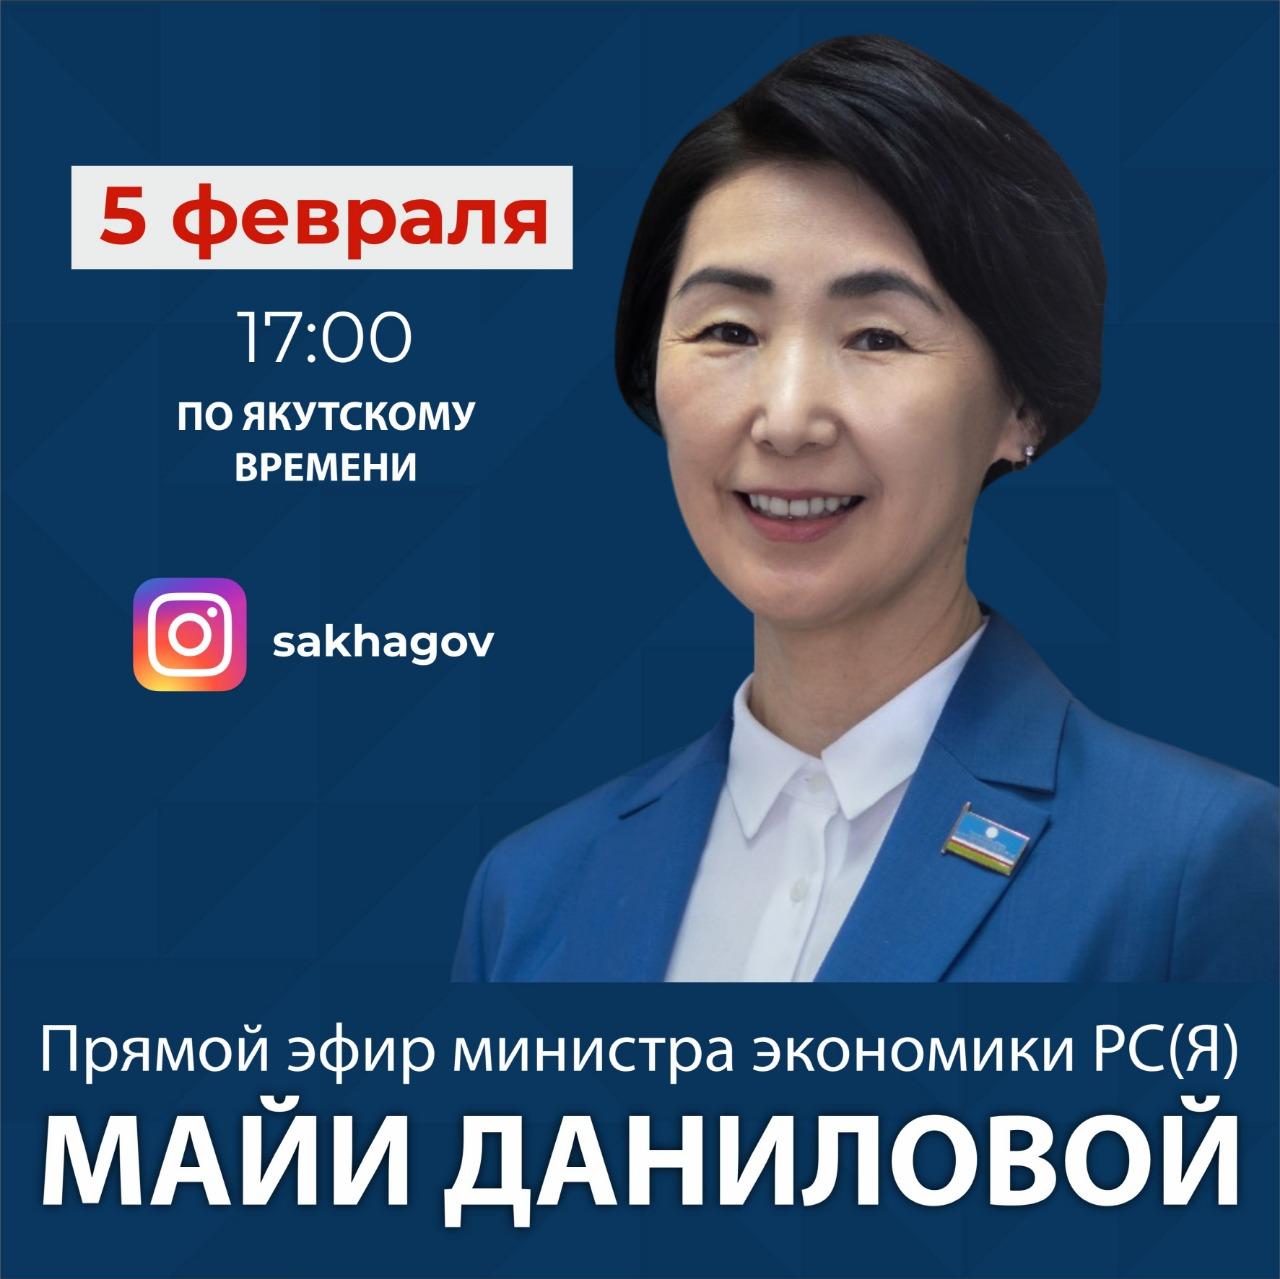 Министр экономики Якутии ответит на вопросы якутян в прямом эфире с Instagram